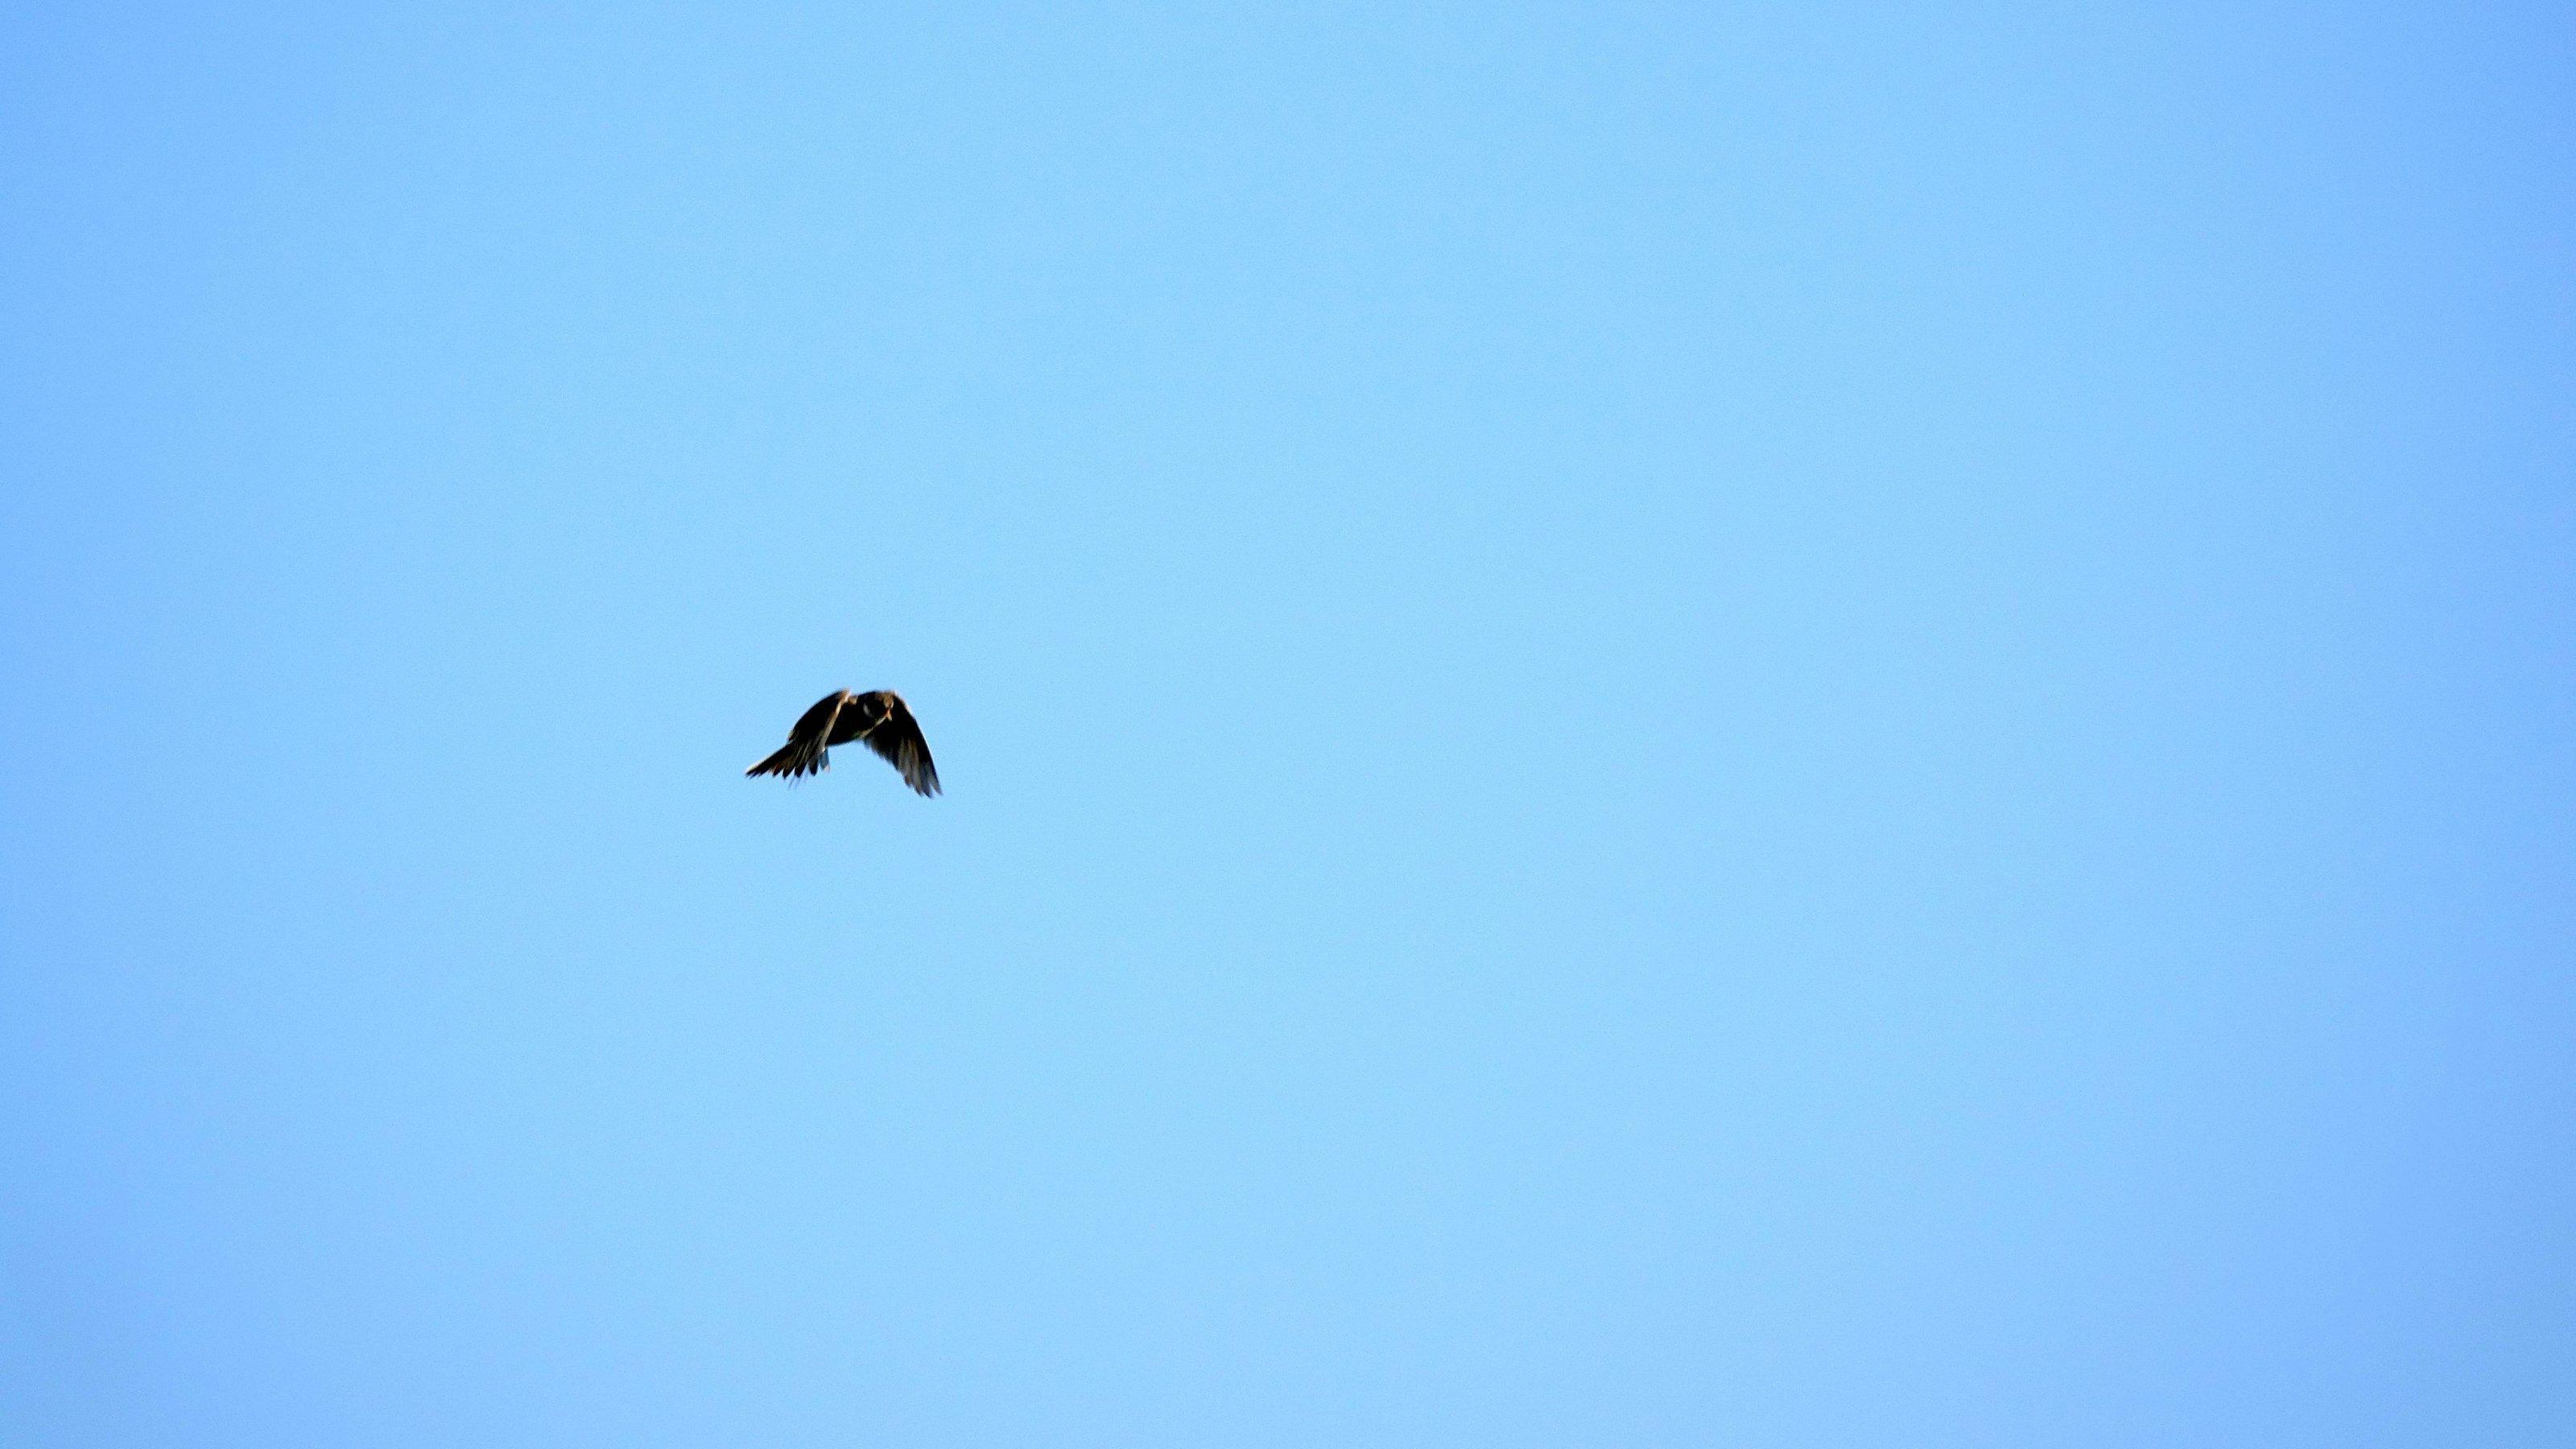 Eine Lerche fliegt am Himmel.